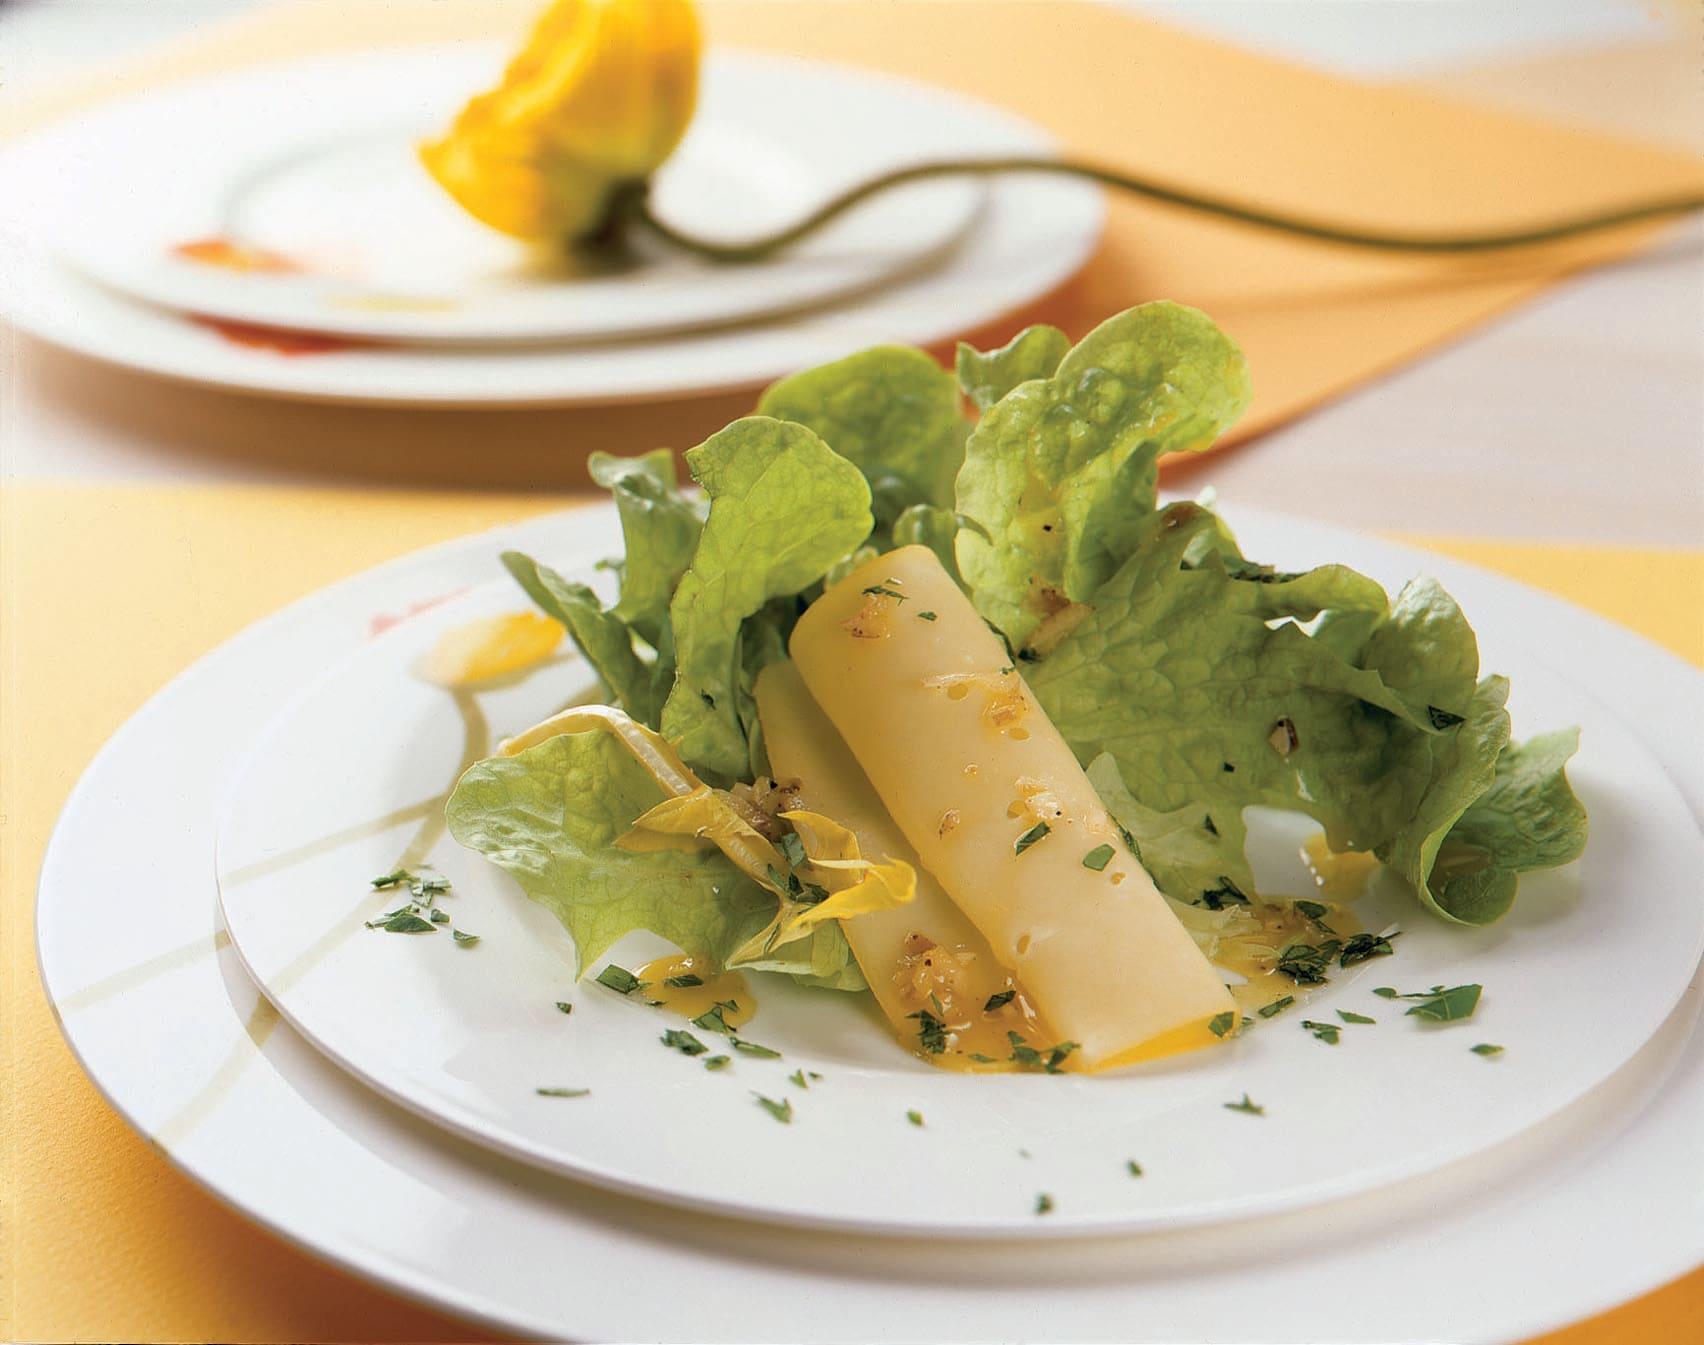 Salade printanière au tilsit mariné